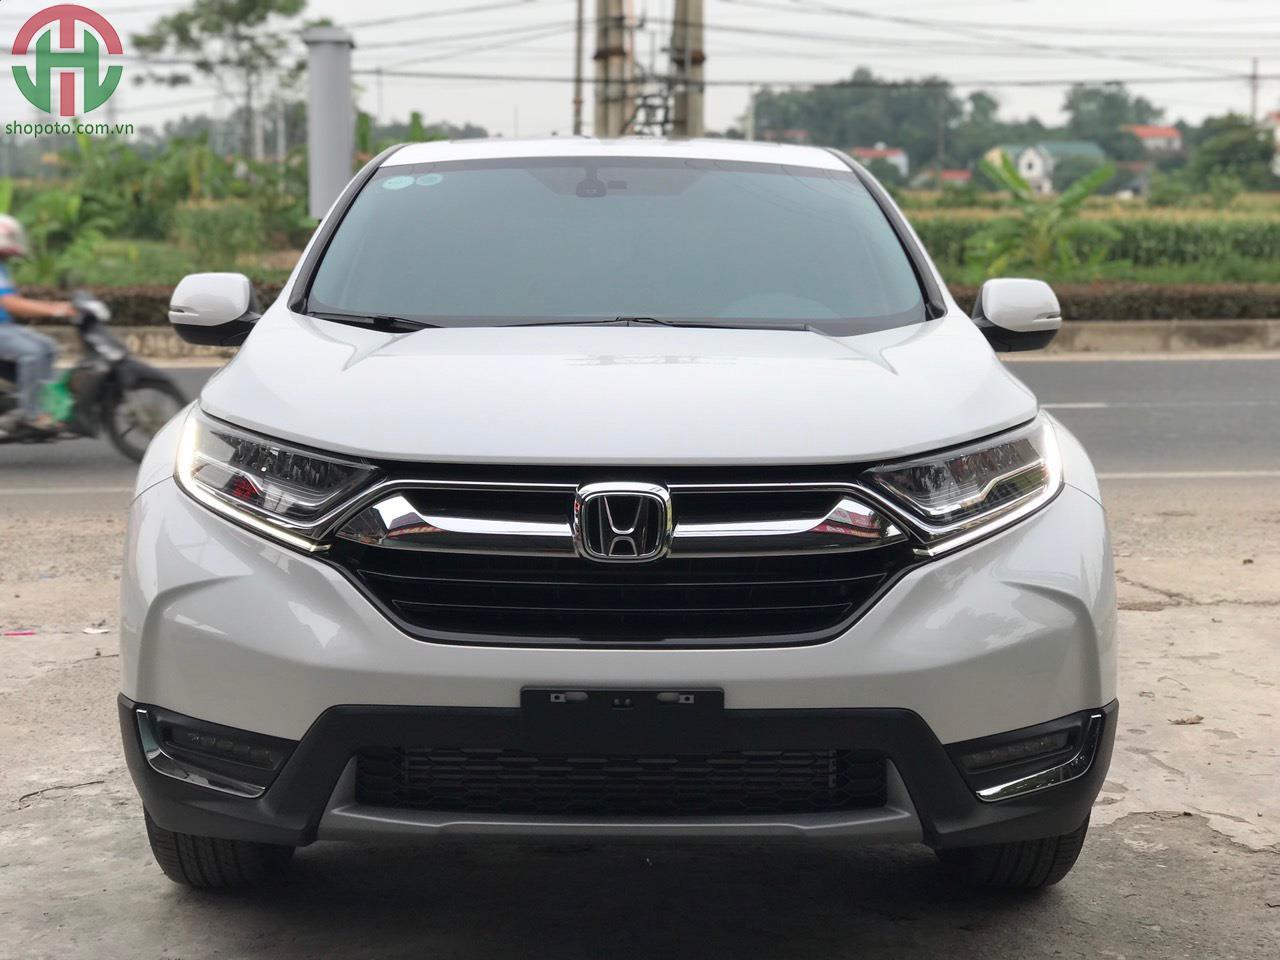 Honda CRV 1.5 L Turbo 2020 màu Trắng